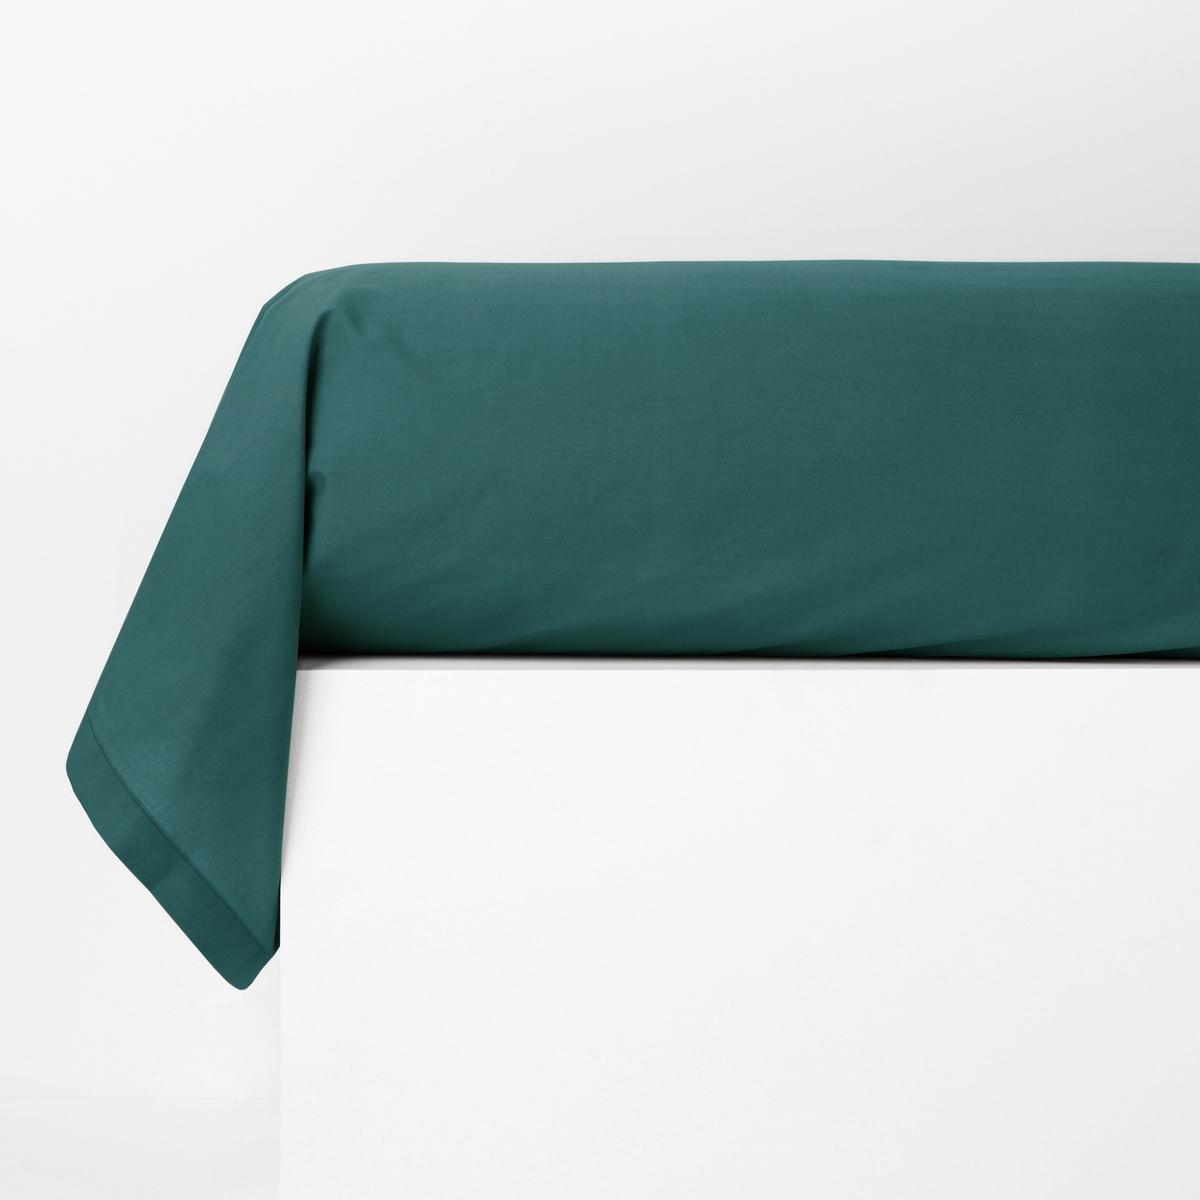 Наволочка LaRedoute На подушку-валик из хлопковой перкали Qualit Best 85 x 185 см зеленый наволочка laredoute однотонная из хлопковой перкали качество qualit best 50 x 70 см розовый